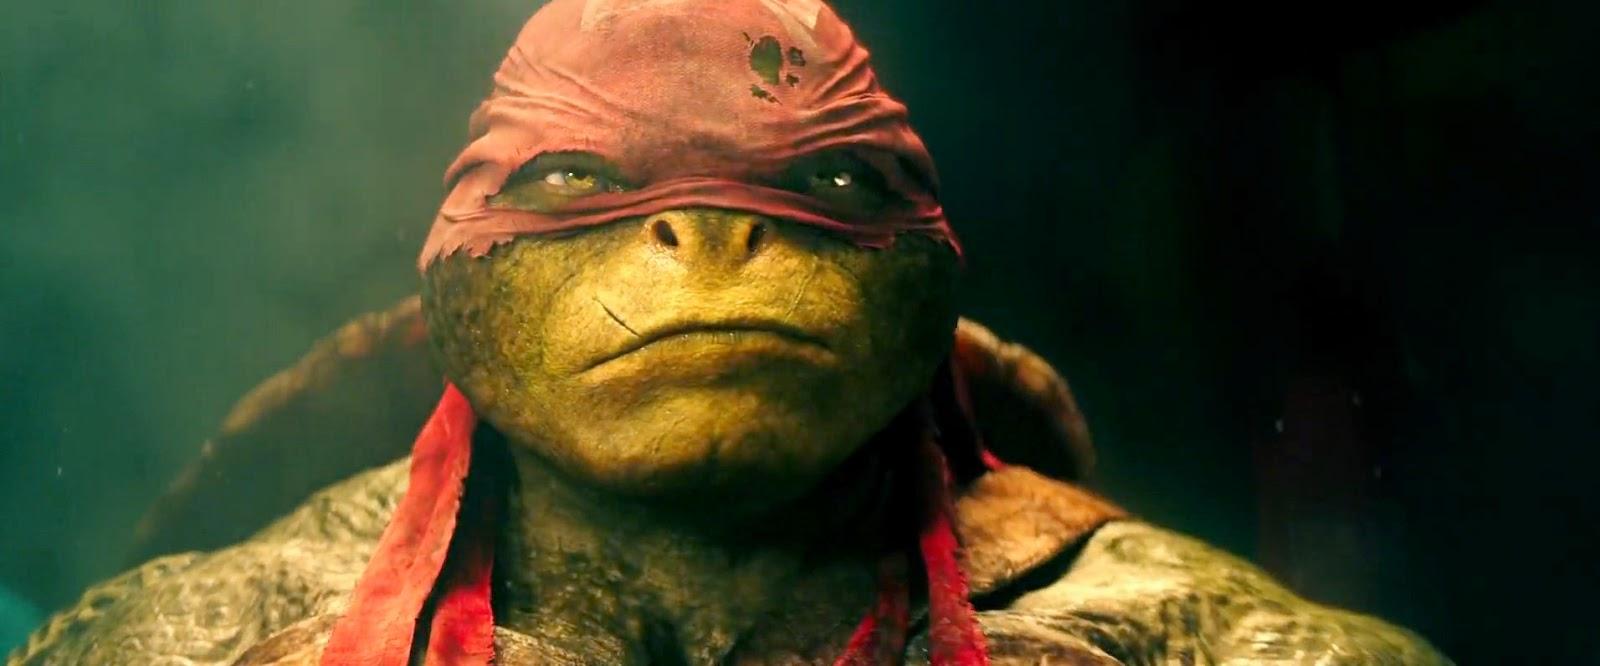 Teenage Mutant Ninja Turtles (2014) S4 s Teenage Mutant Ninja Turtles (2014)